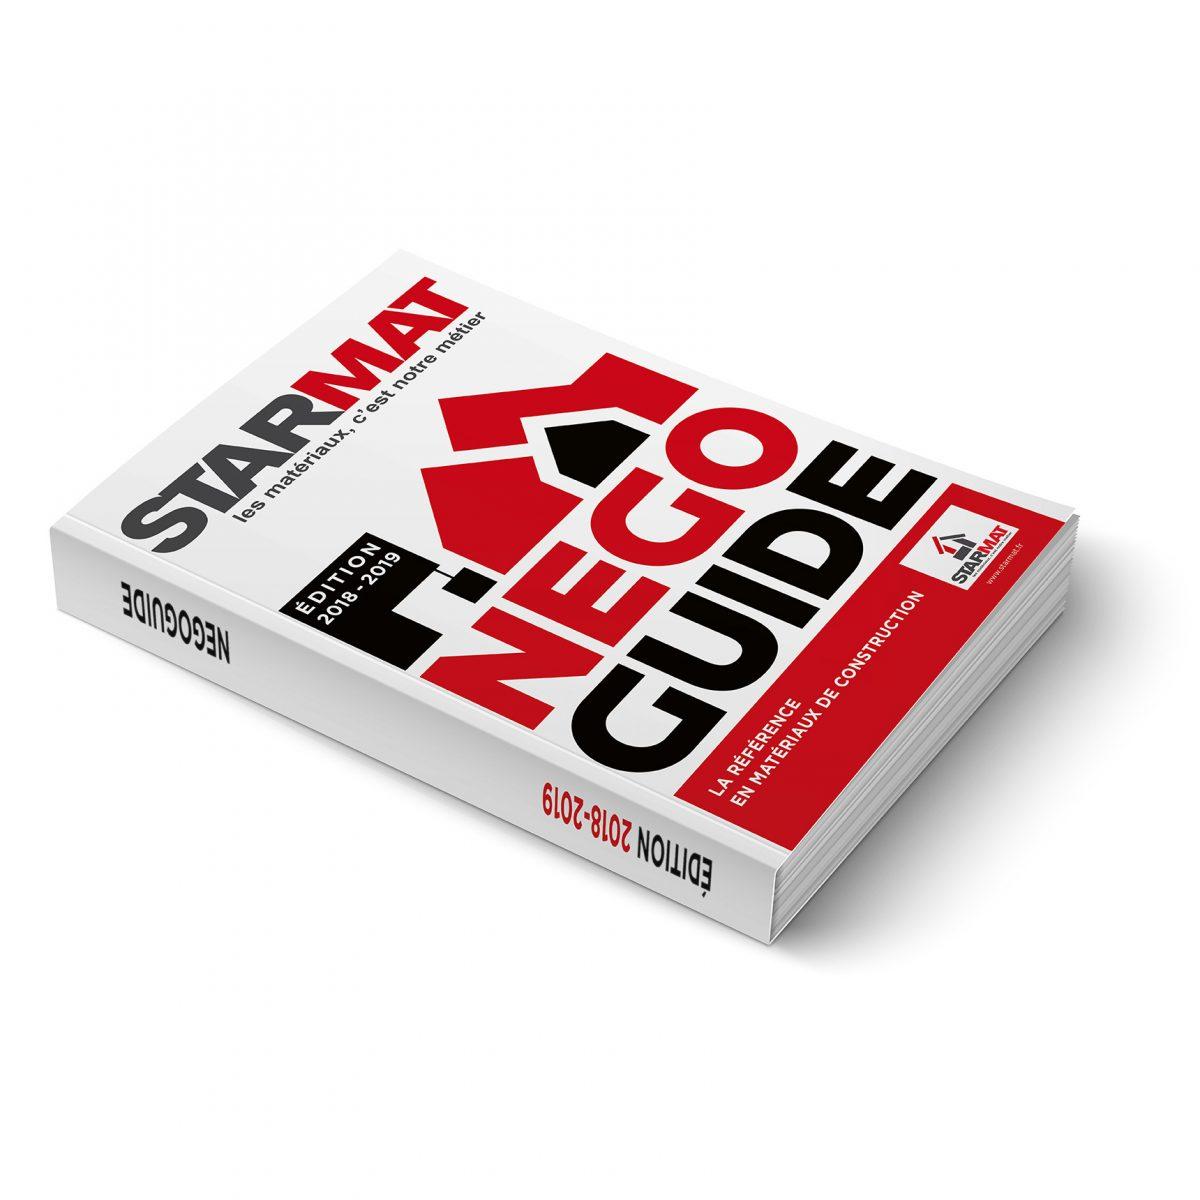 Catalogue Nego Guide